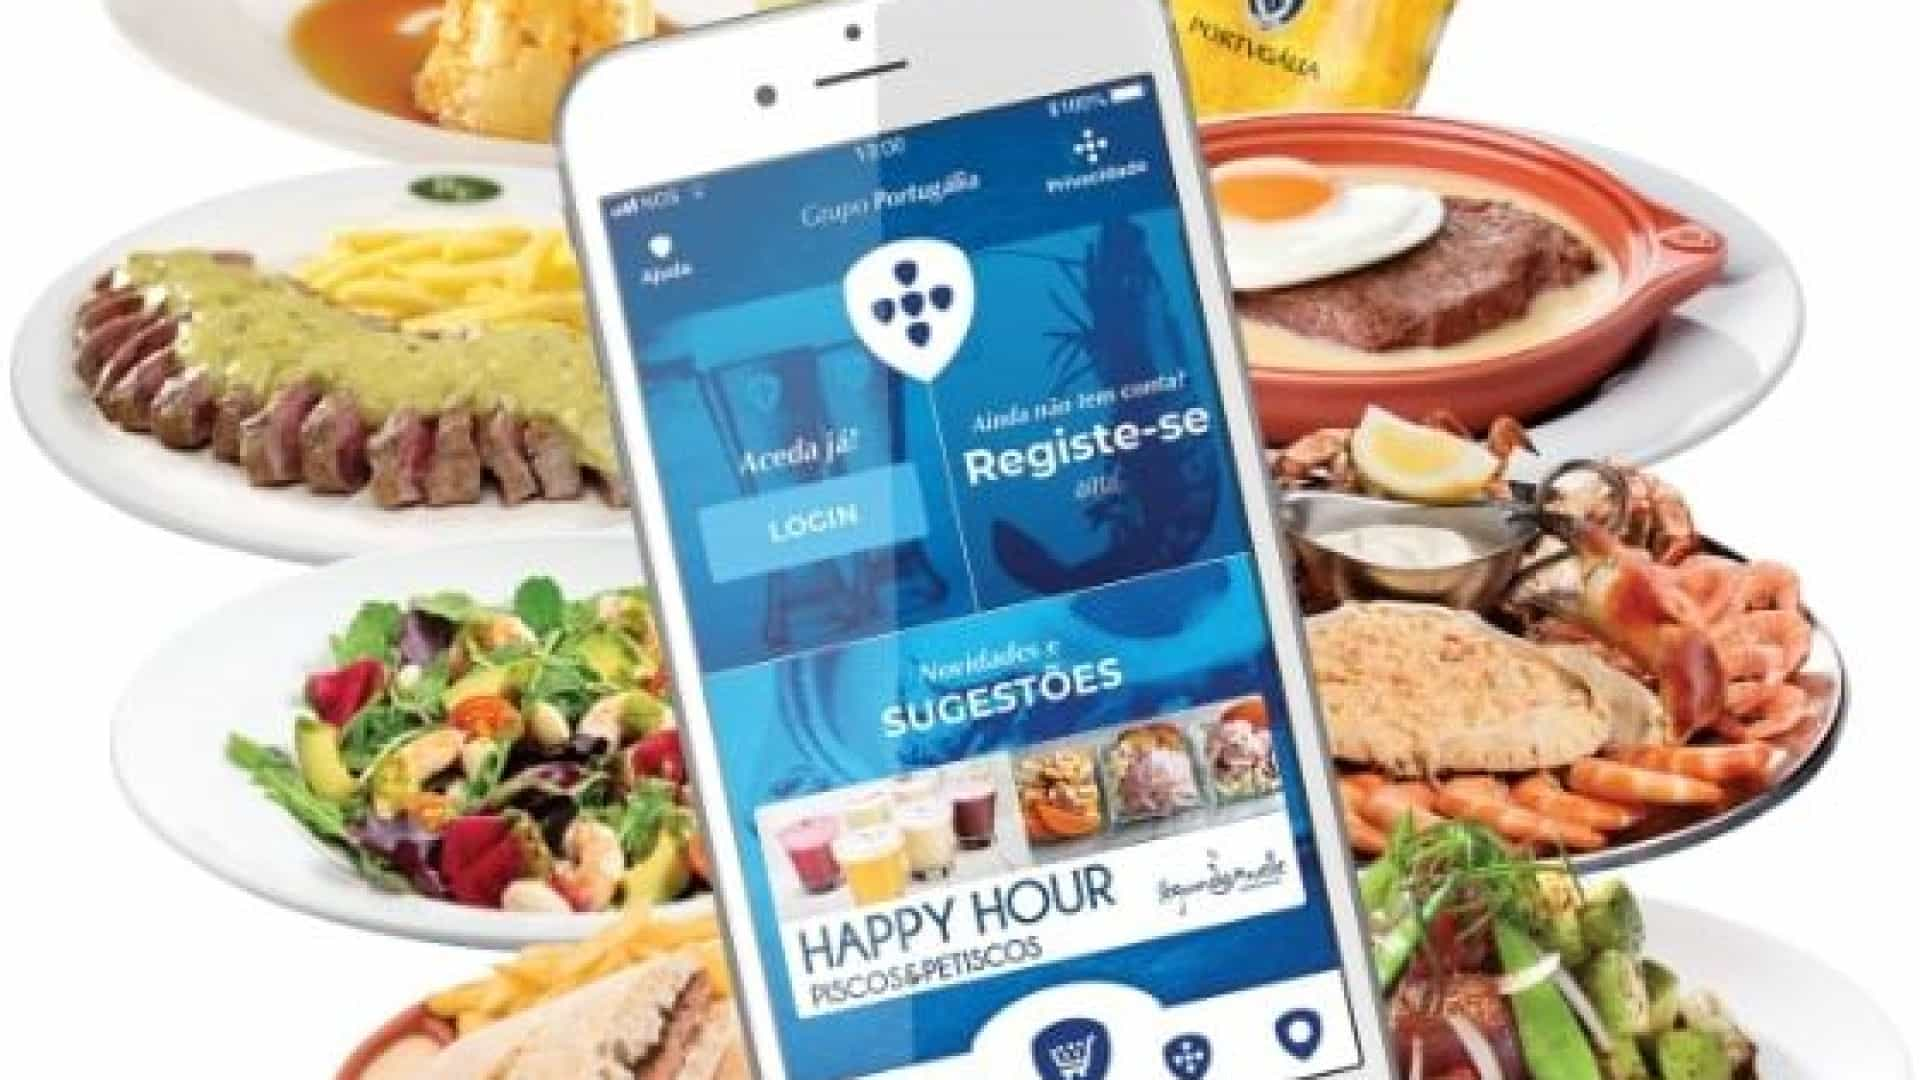 APPORTUGÁLIA: Mil delícias numa única app